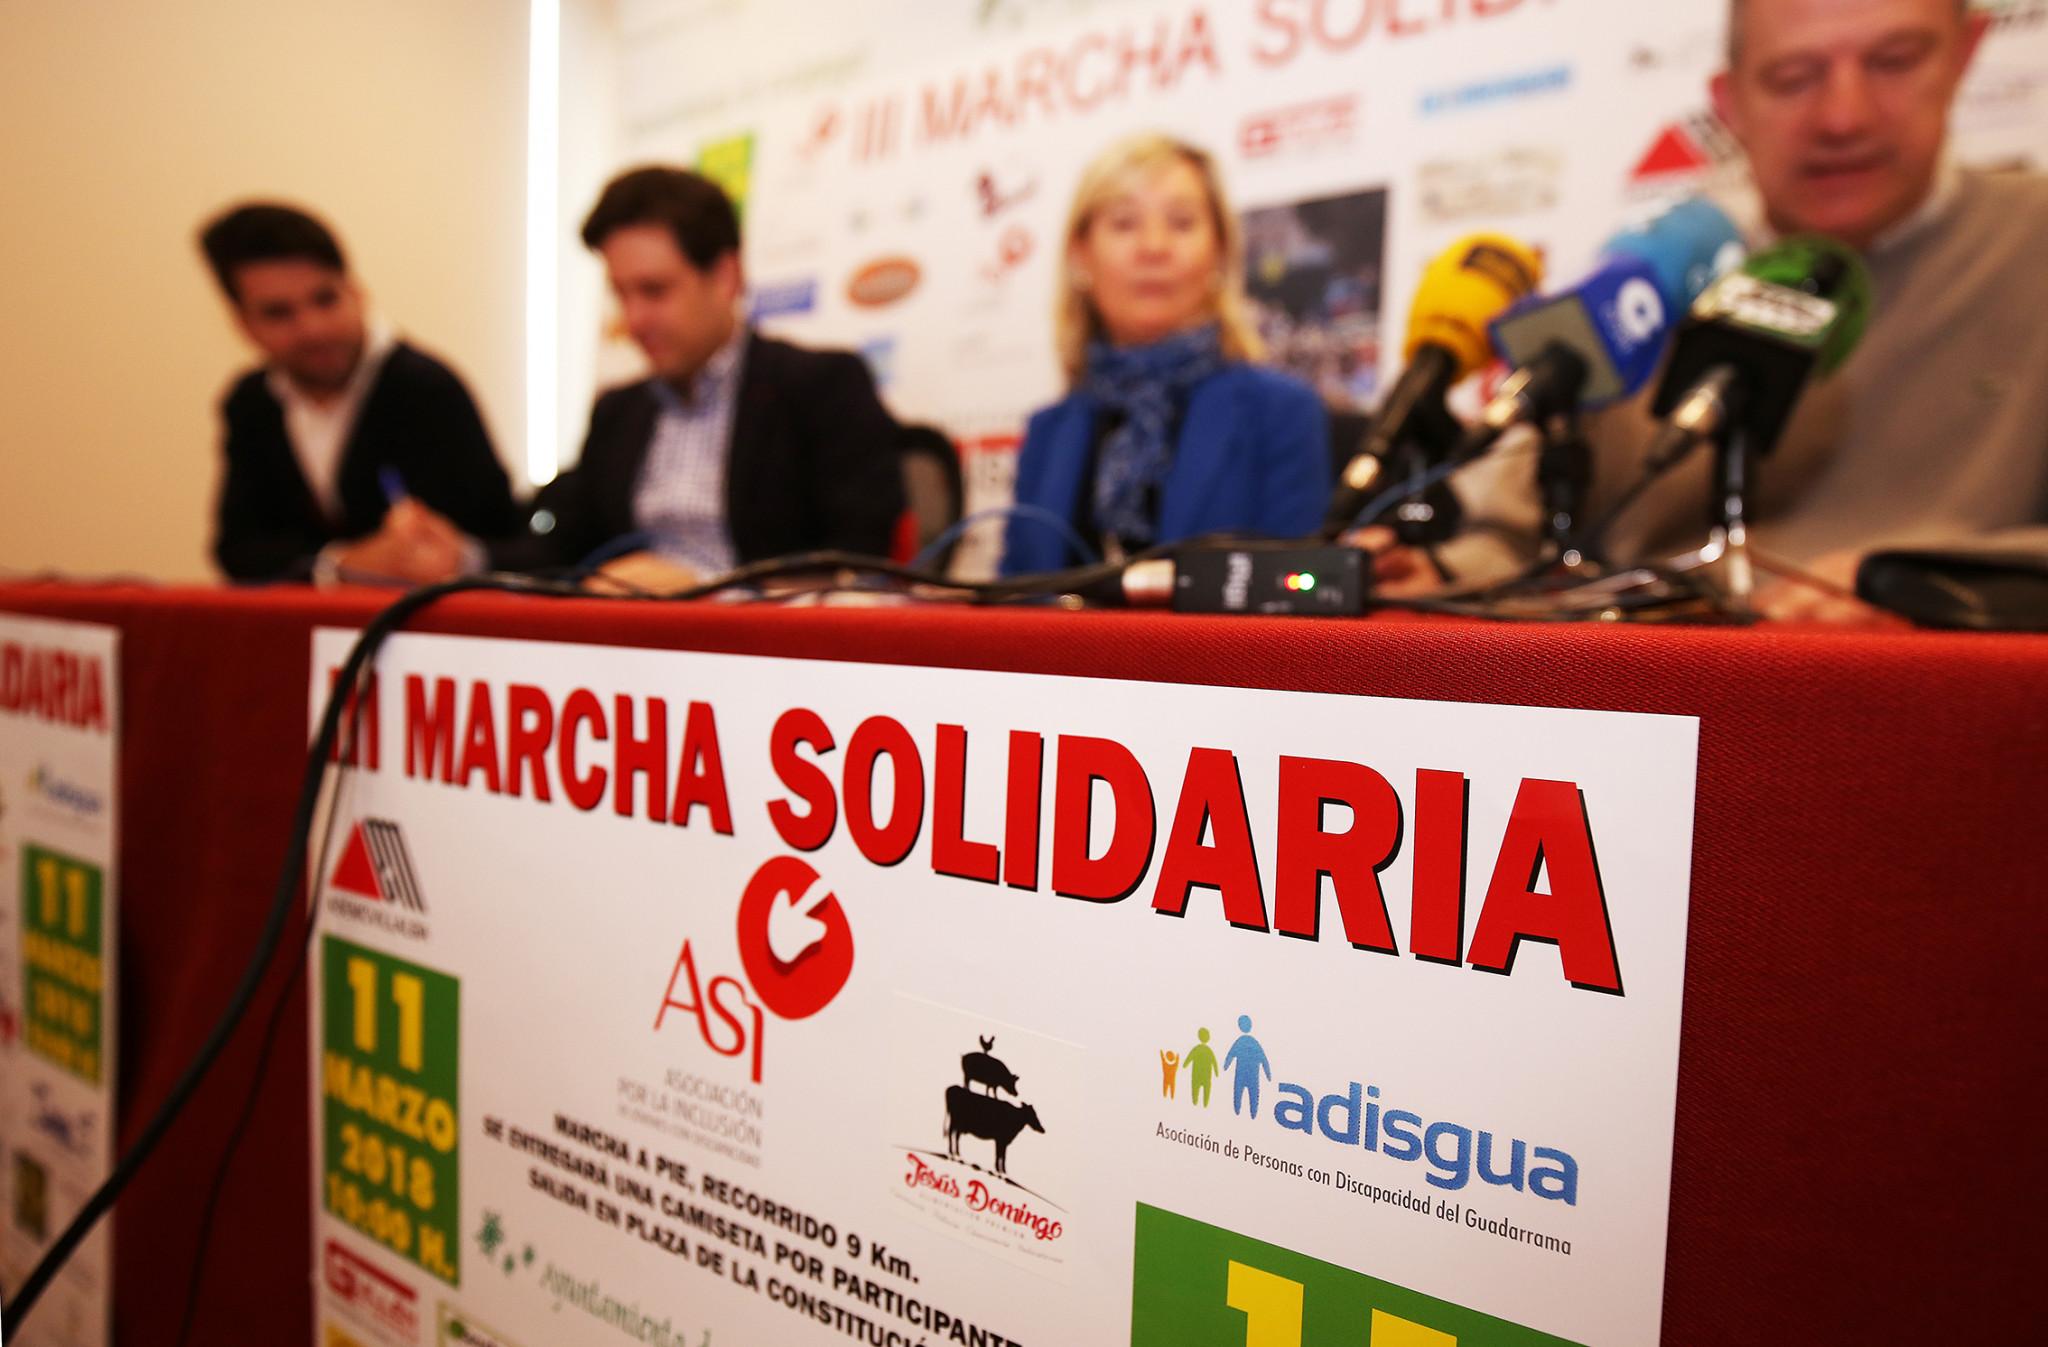 marcha solidaria 2